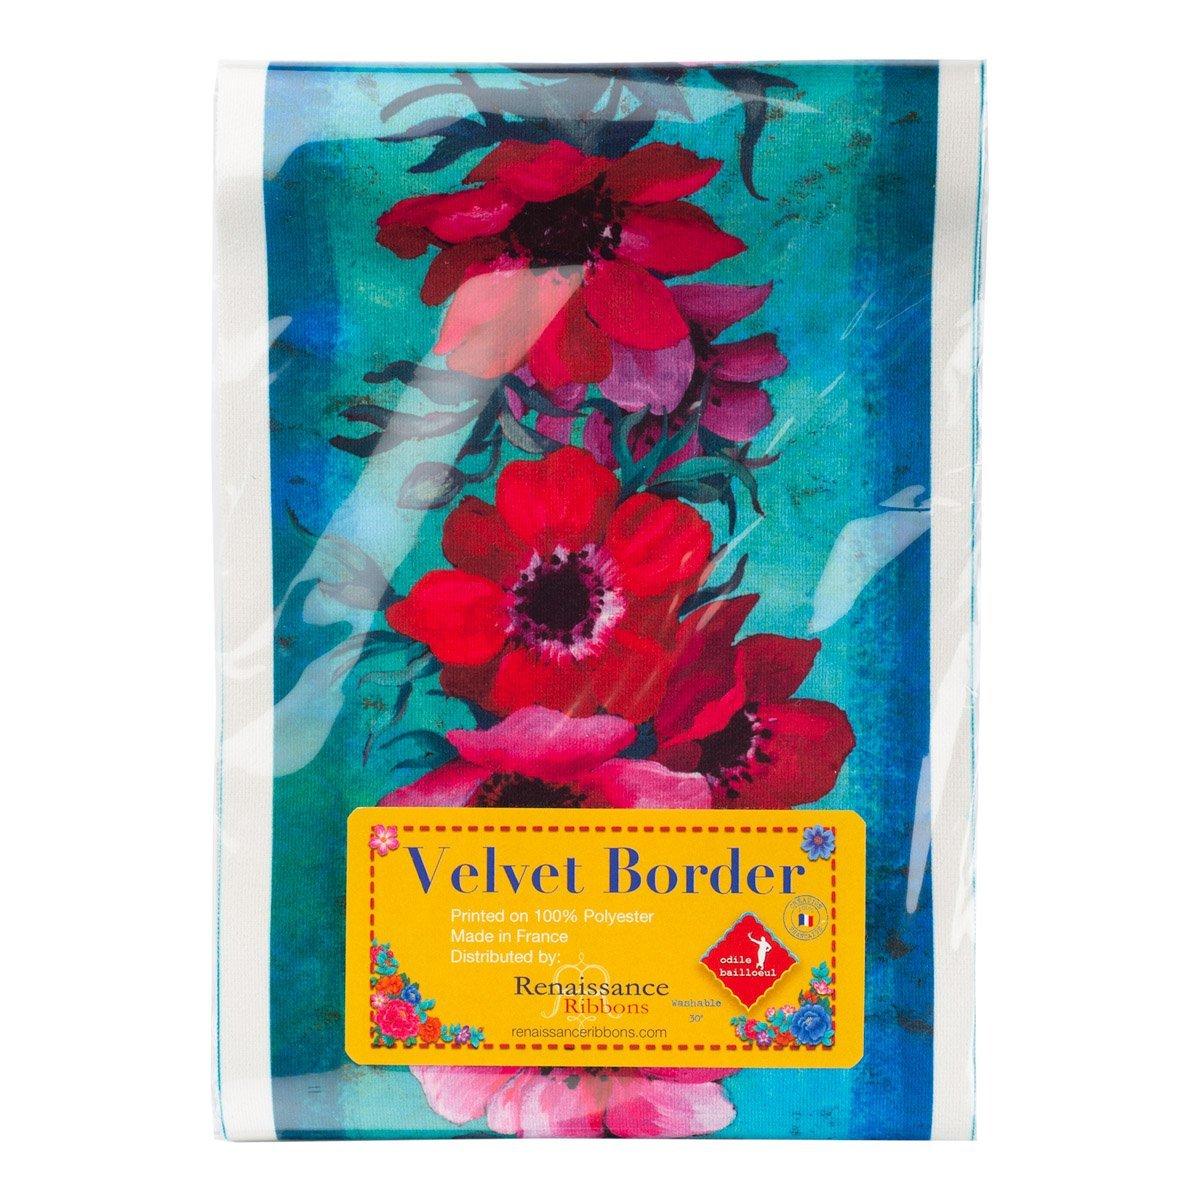 Anemones/Turquoise (5 Velvet Border) (Renaissance Ribbons)